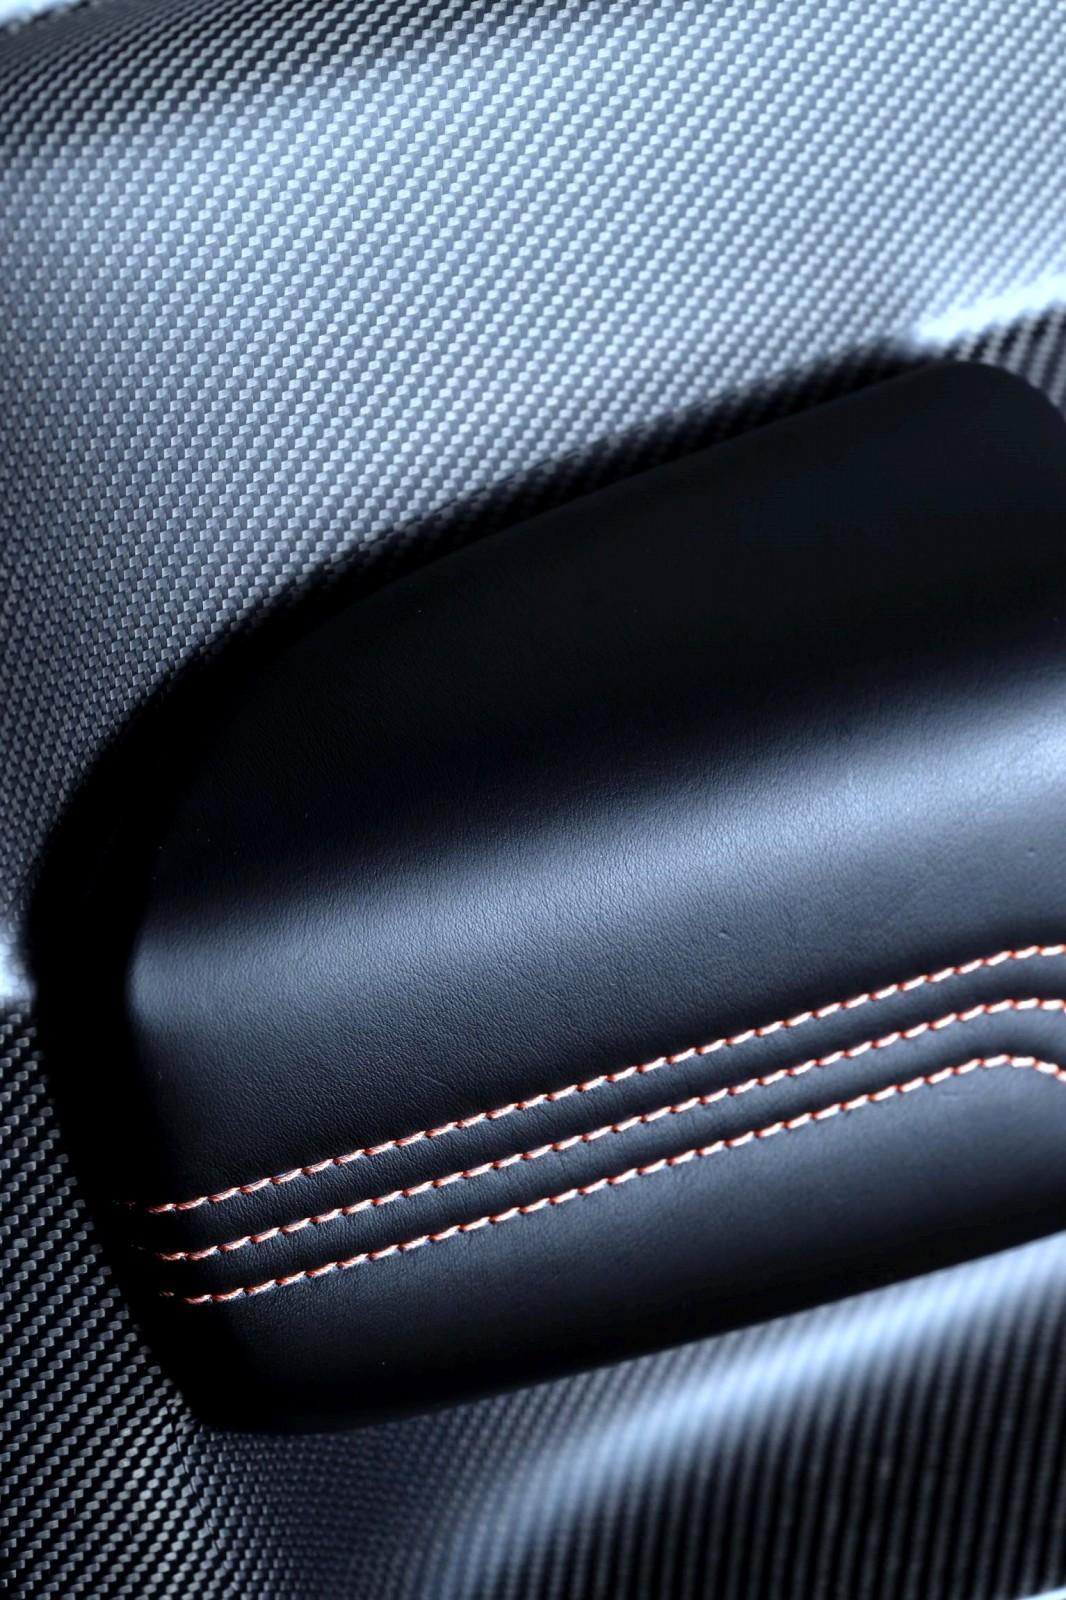 2015 Aston Martin VANTAGE GT3 23